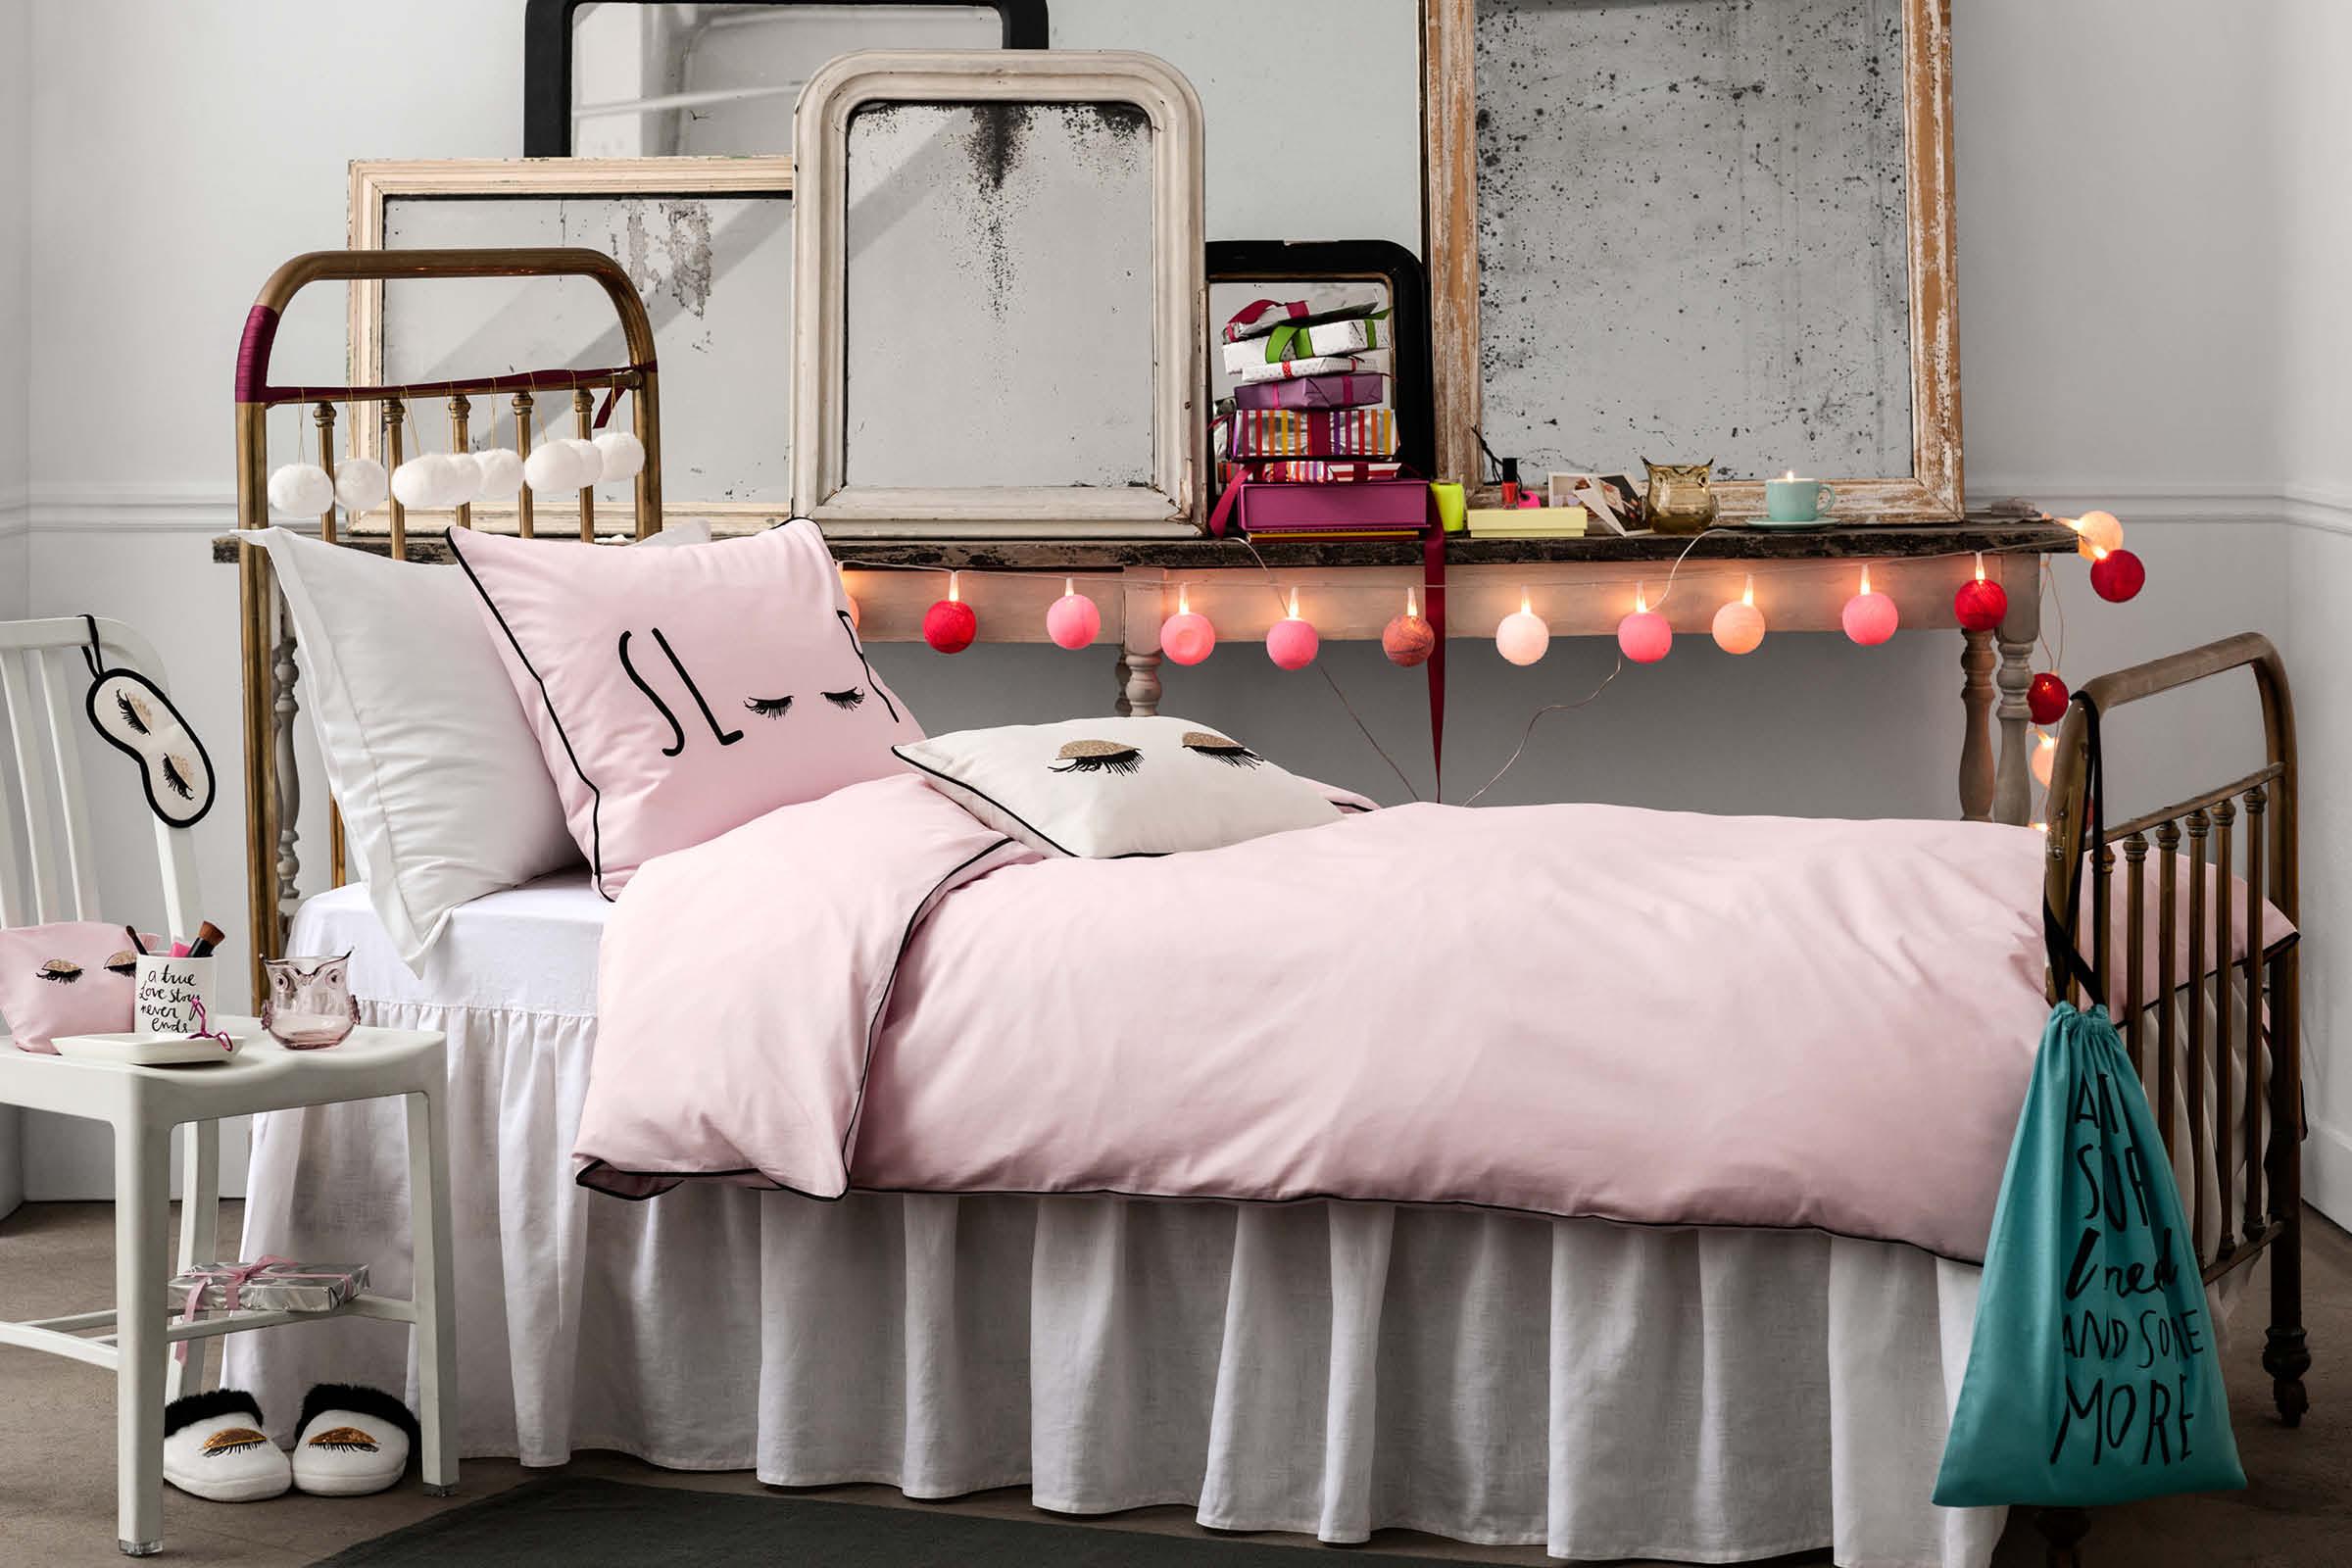 hm home navidad 201411. Black Bedroom Furniture Sets. Home Design Ideas